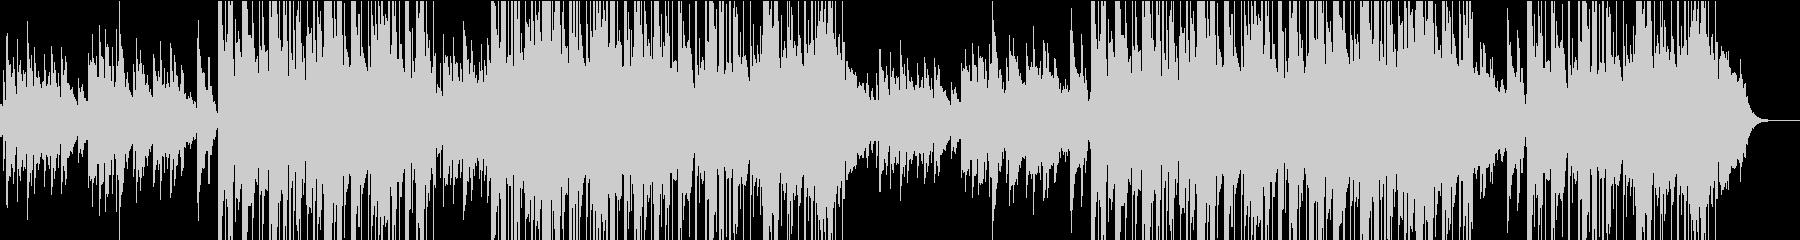 切ない雰囲気のアコギバラードの未再生の波形